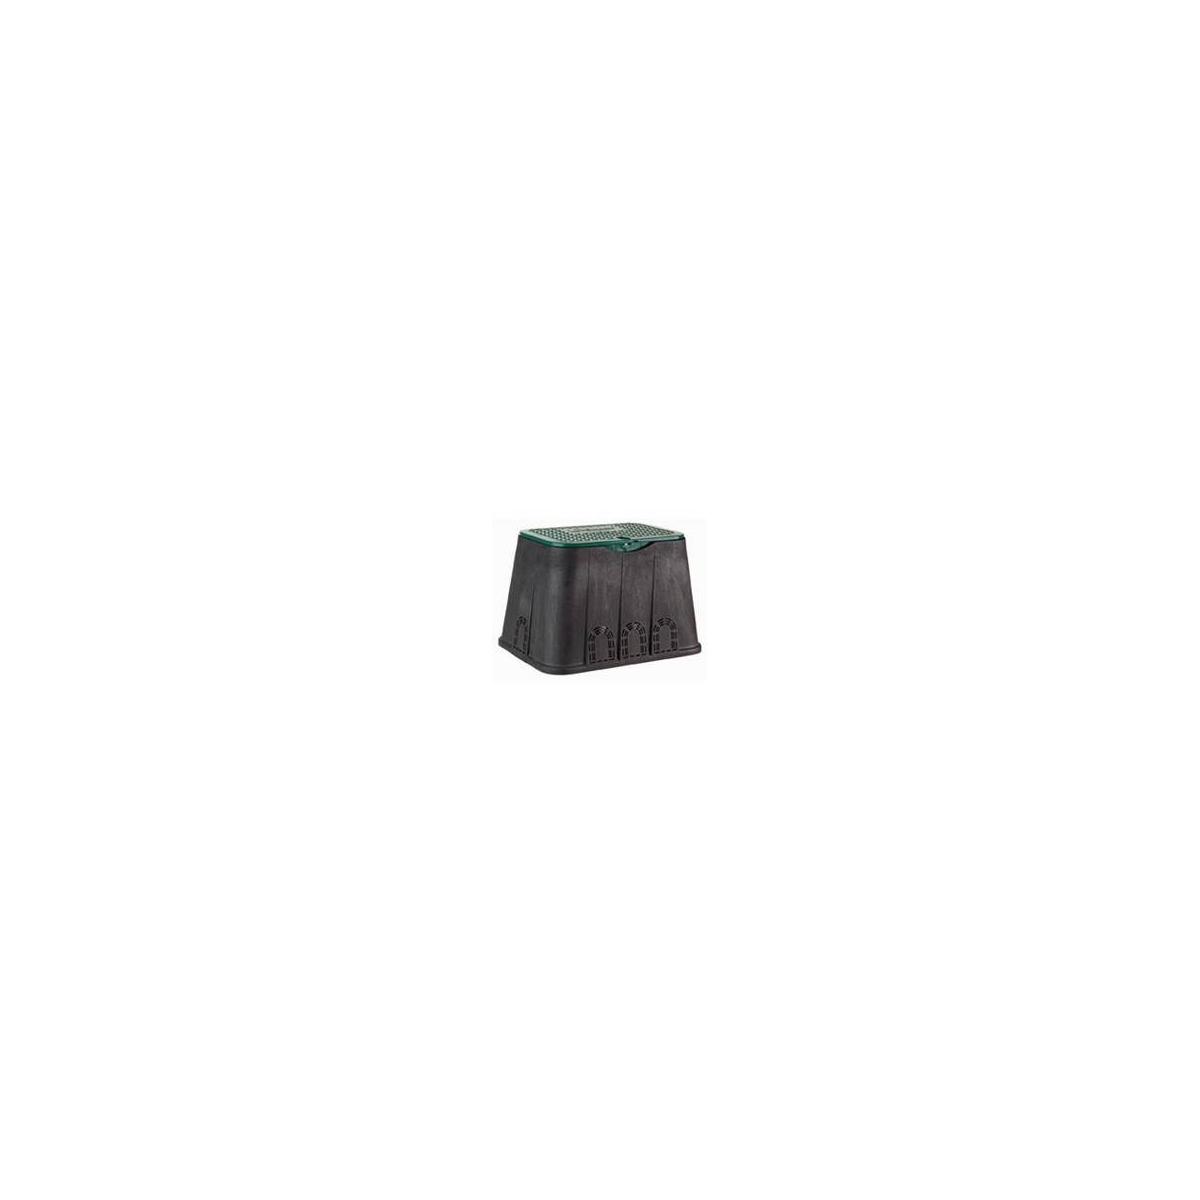 RECTANGULAR VALVE BOX WITH SCREW FIXING LID